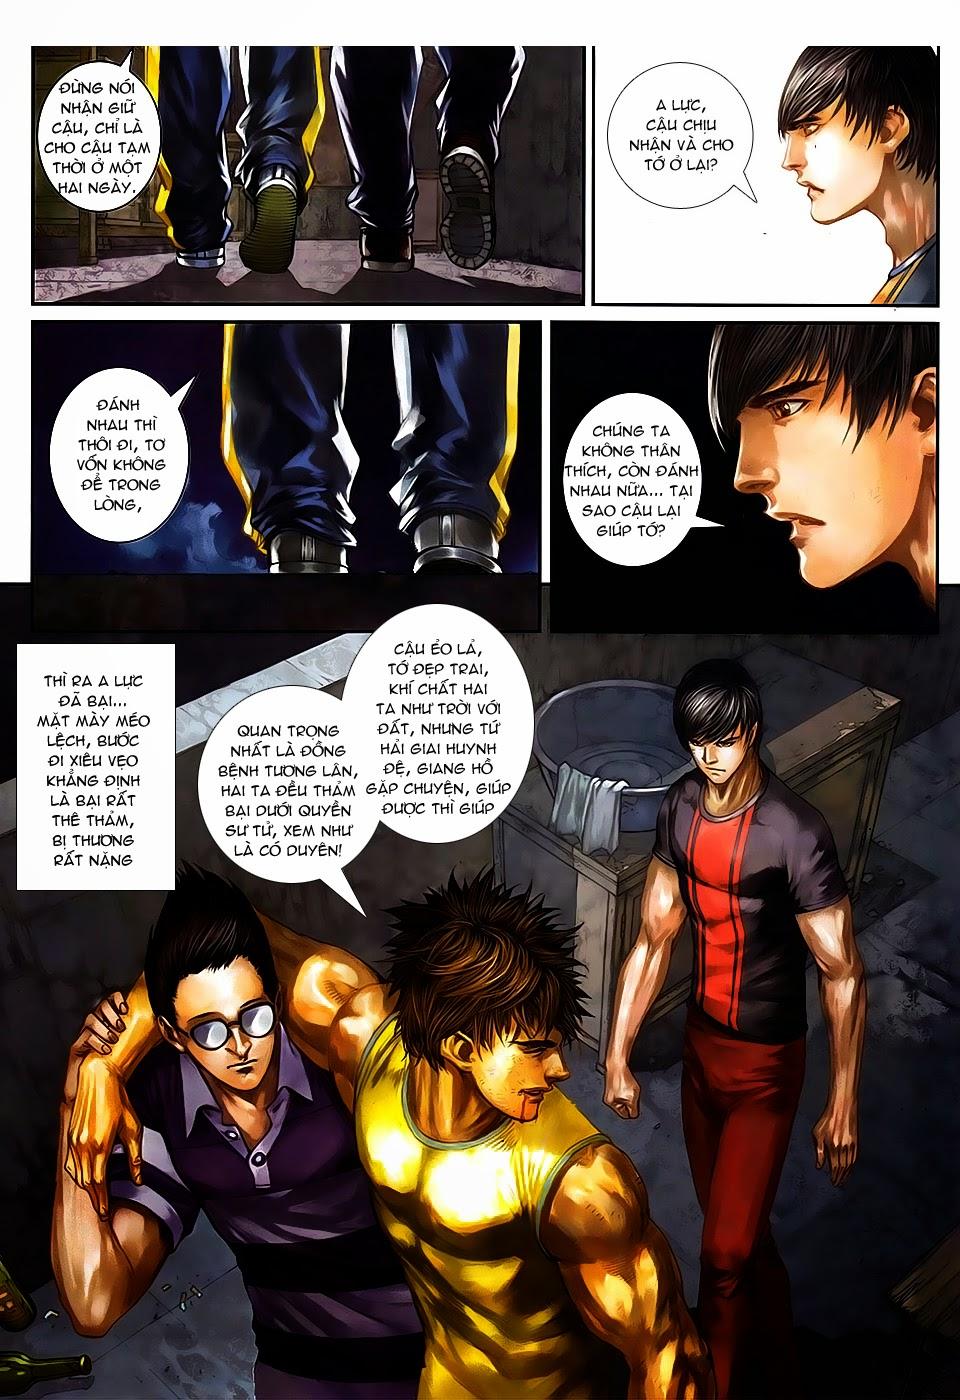 Quyền Đạo chapter 8 trang 5